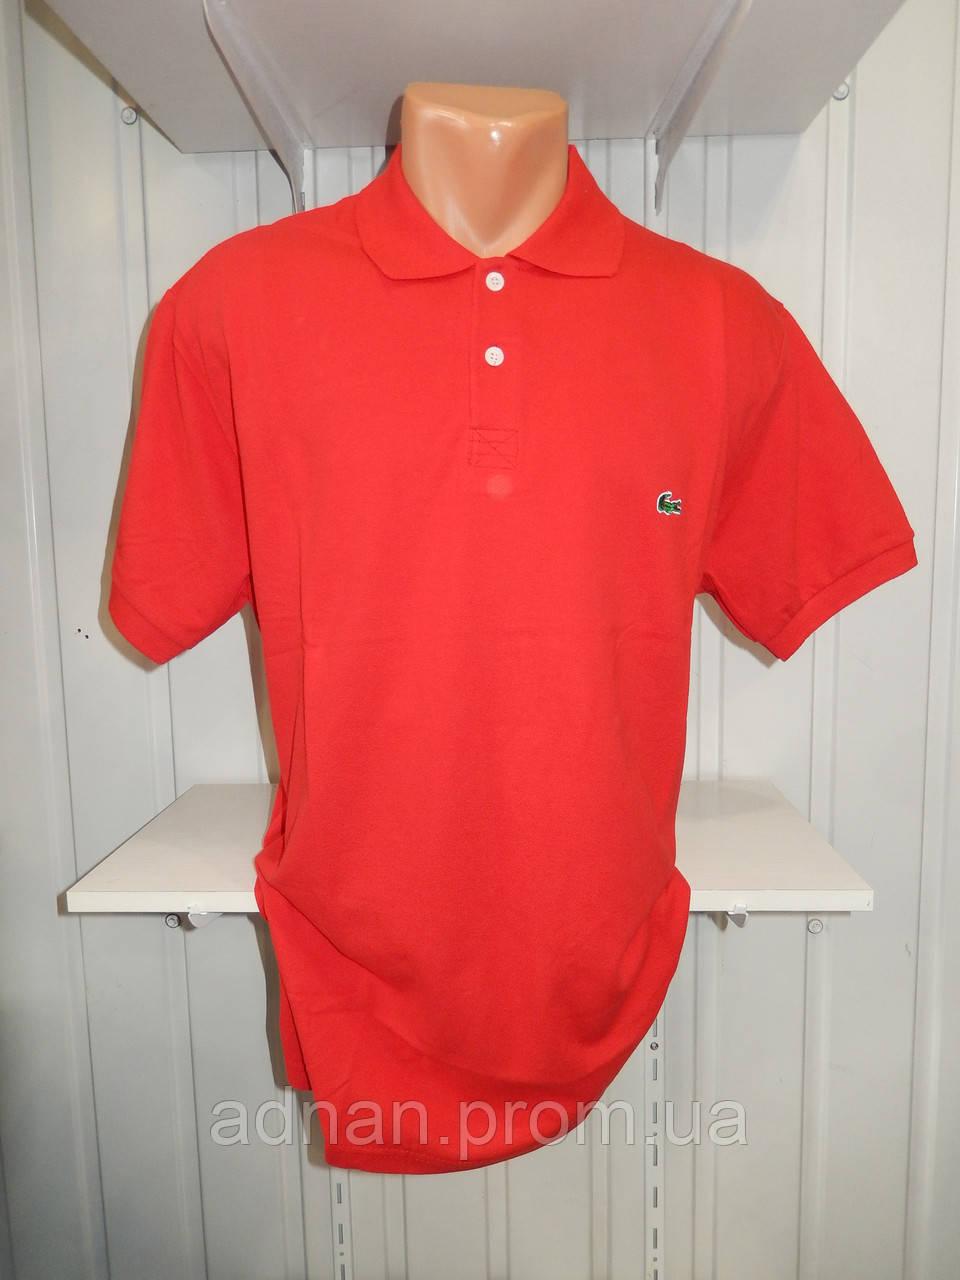 Футболка мужская LACOSTE поло однотонная, манжет, батал 005 \ купить футболку мужскую оптом